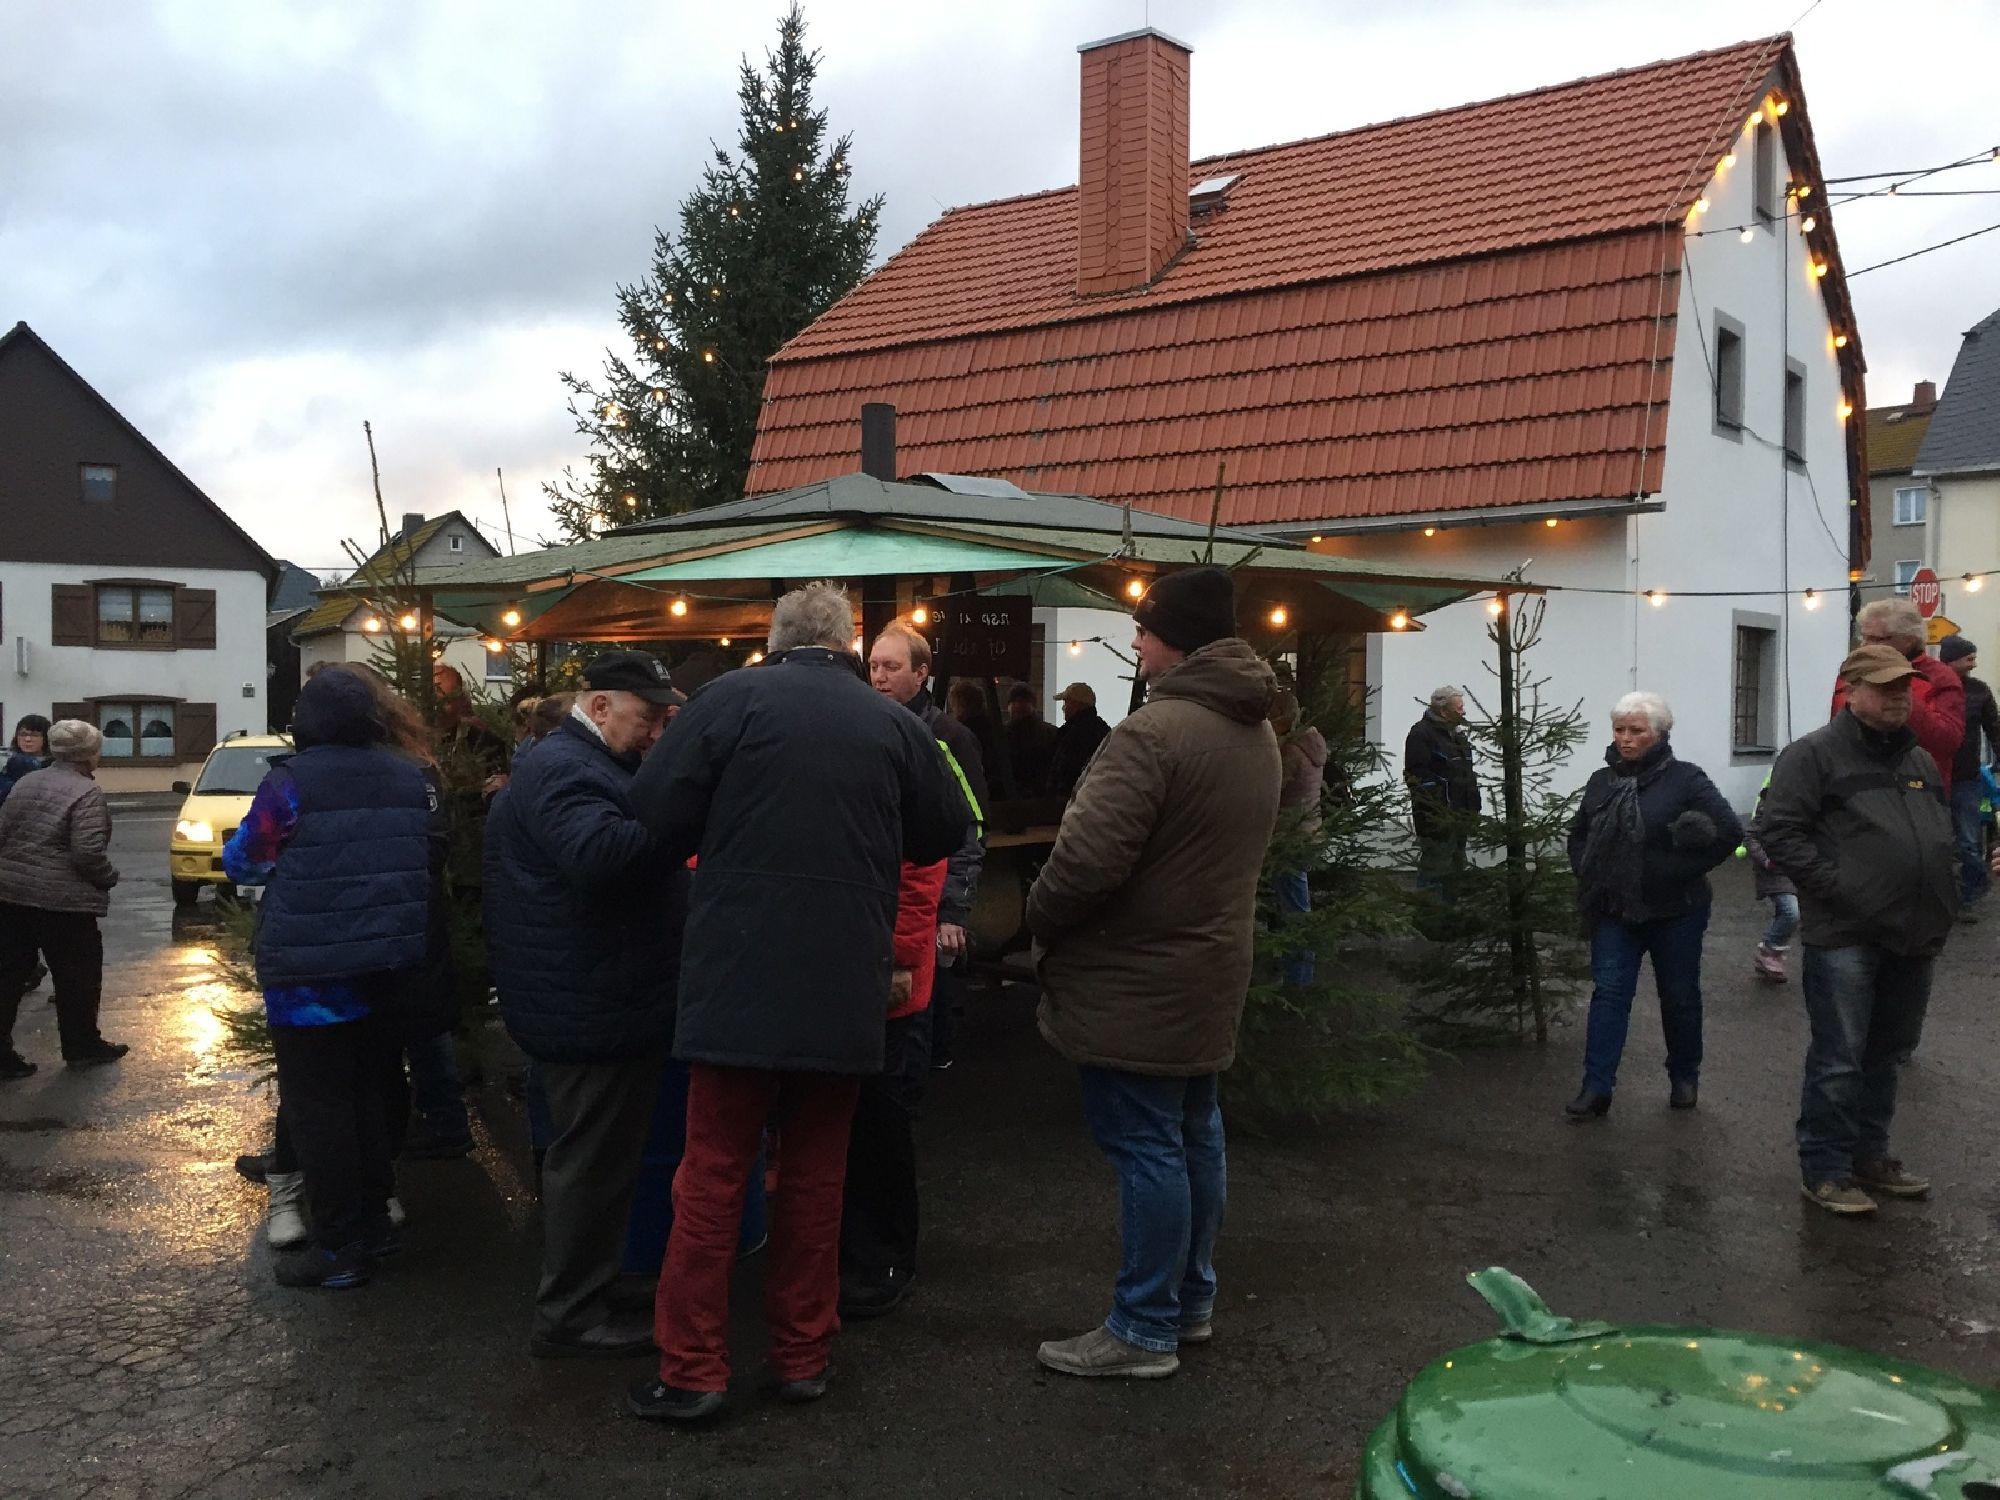 Ansprunger Weihnachtsmarkt